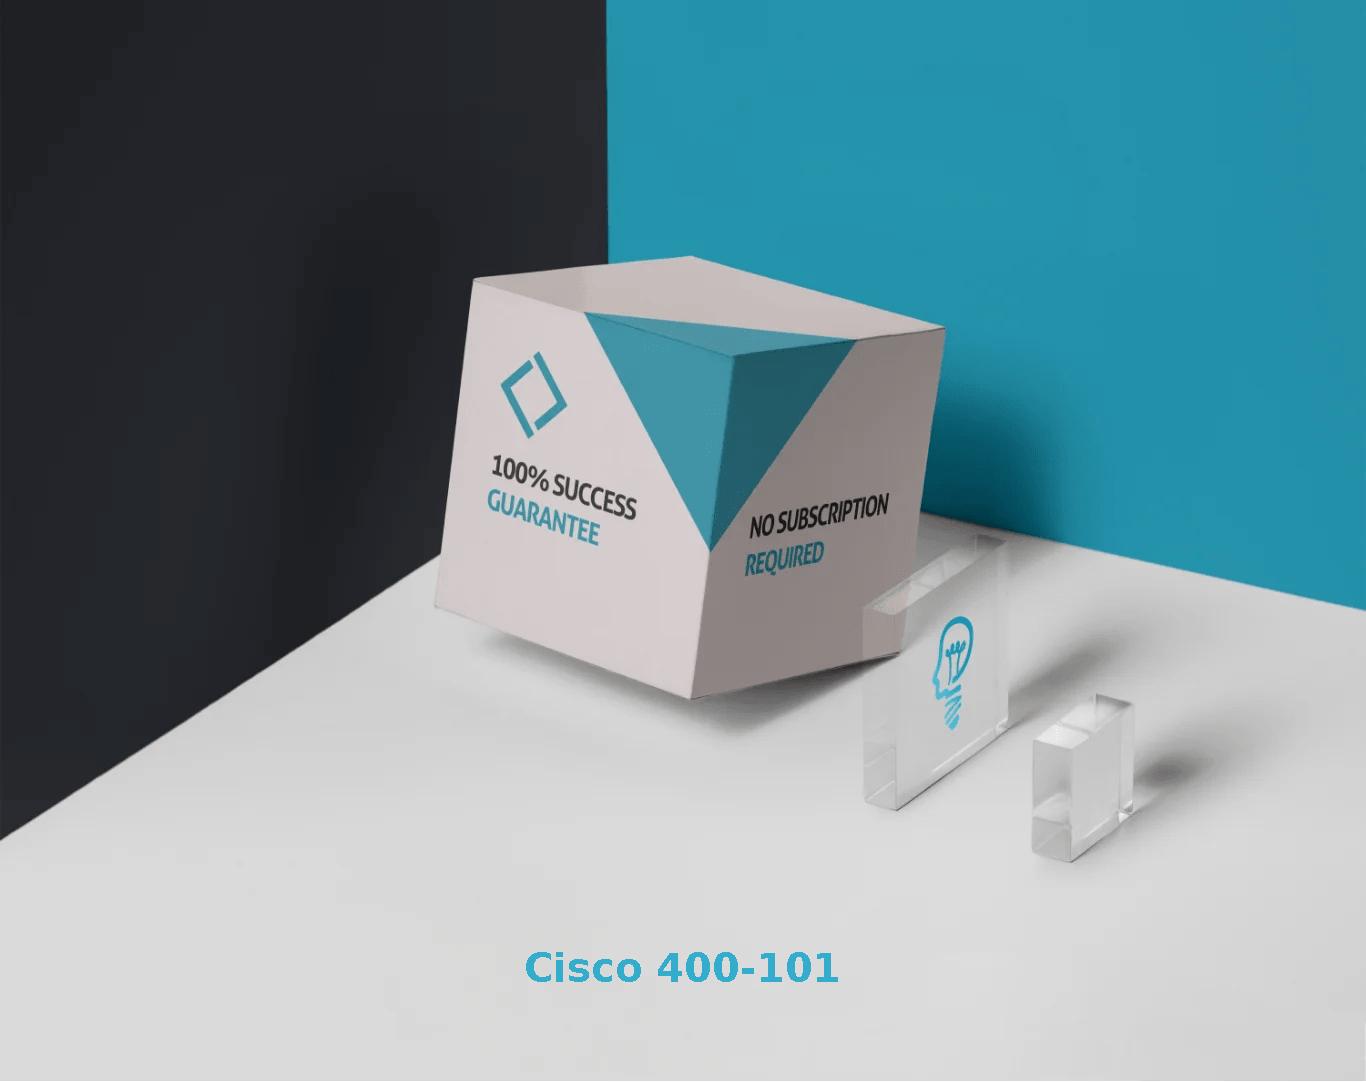 Cisco 400-101 Exams